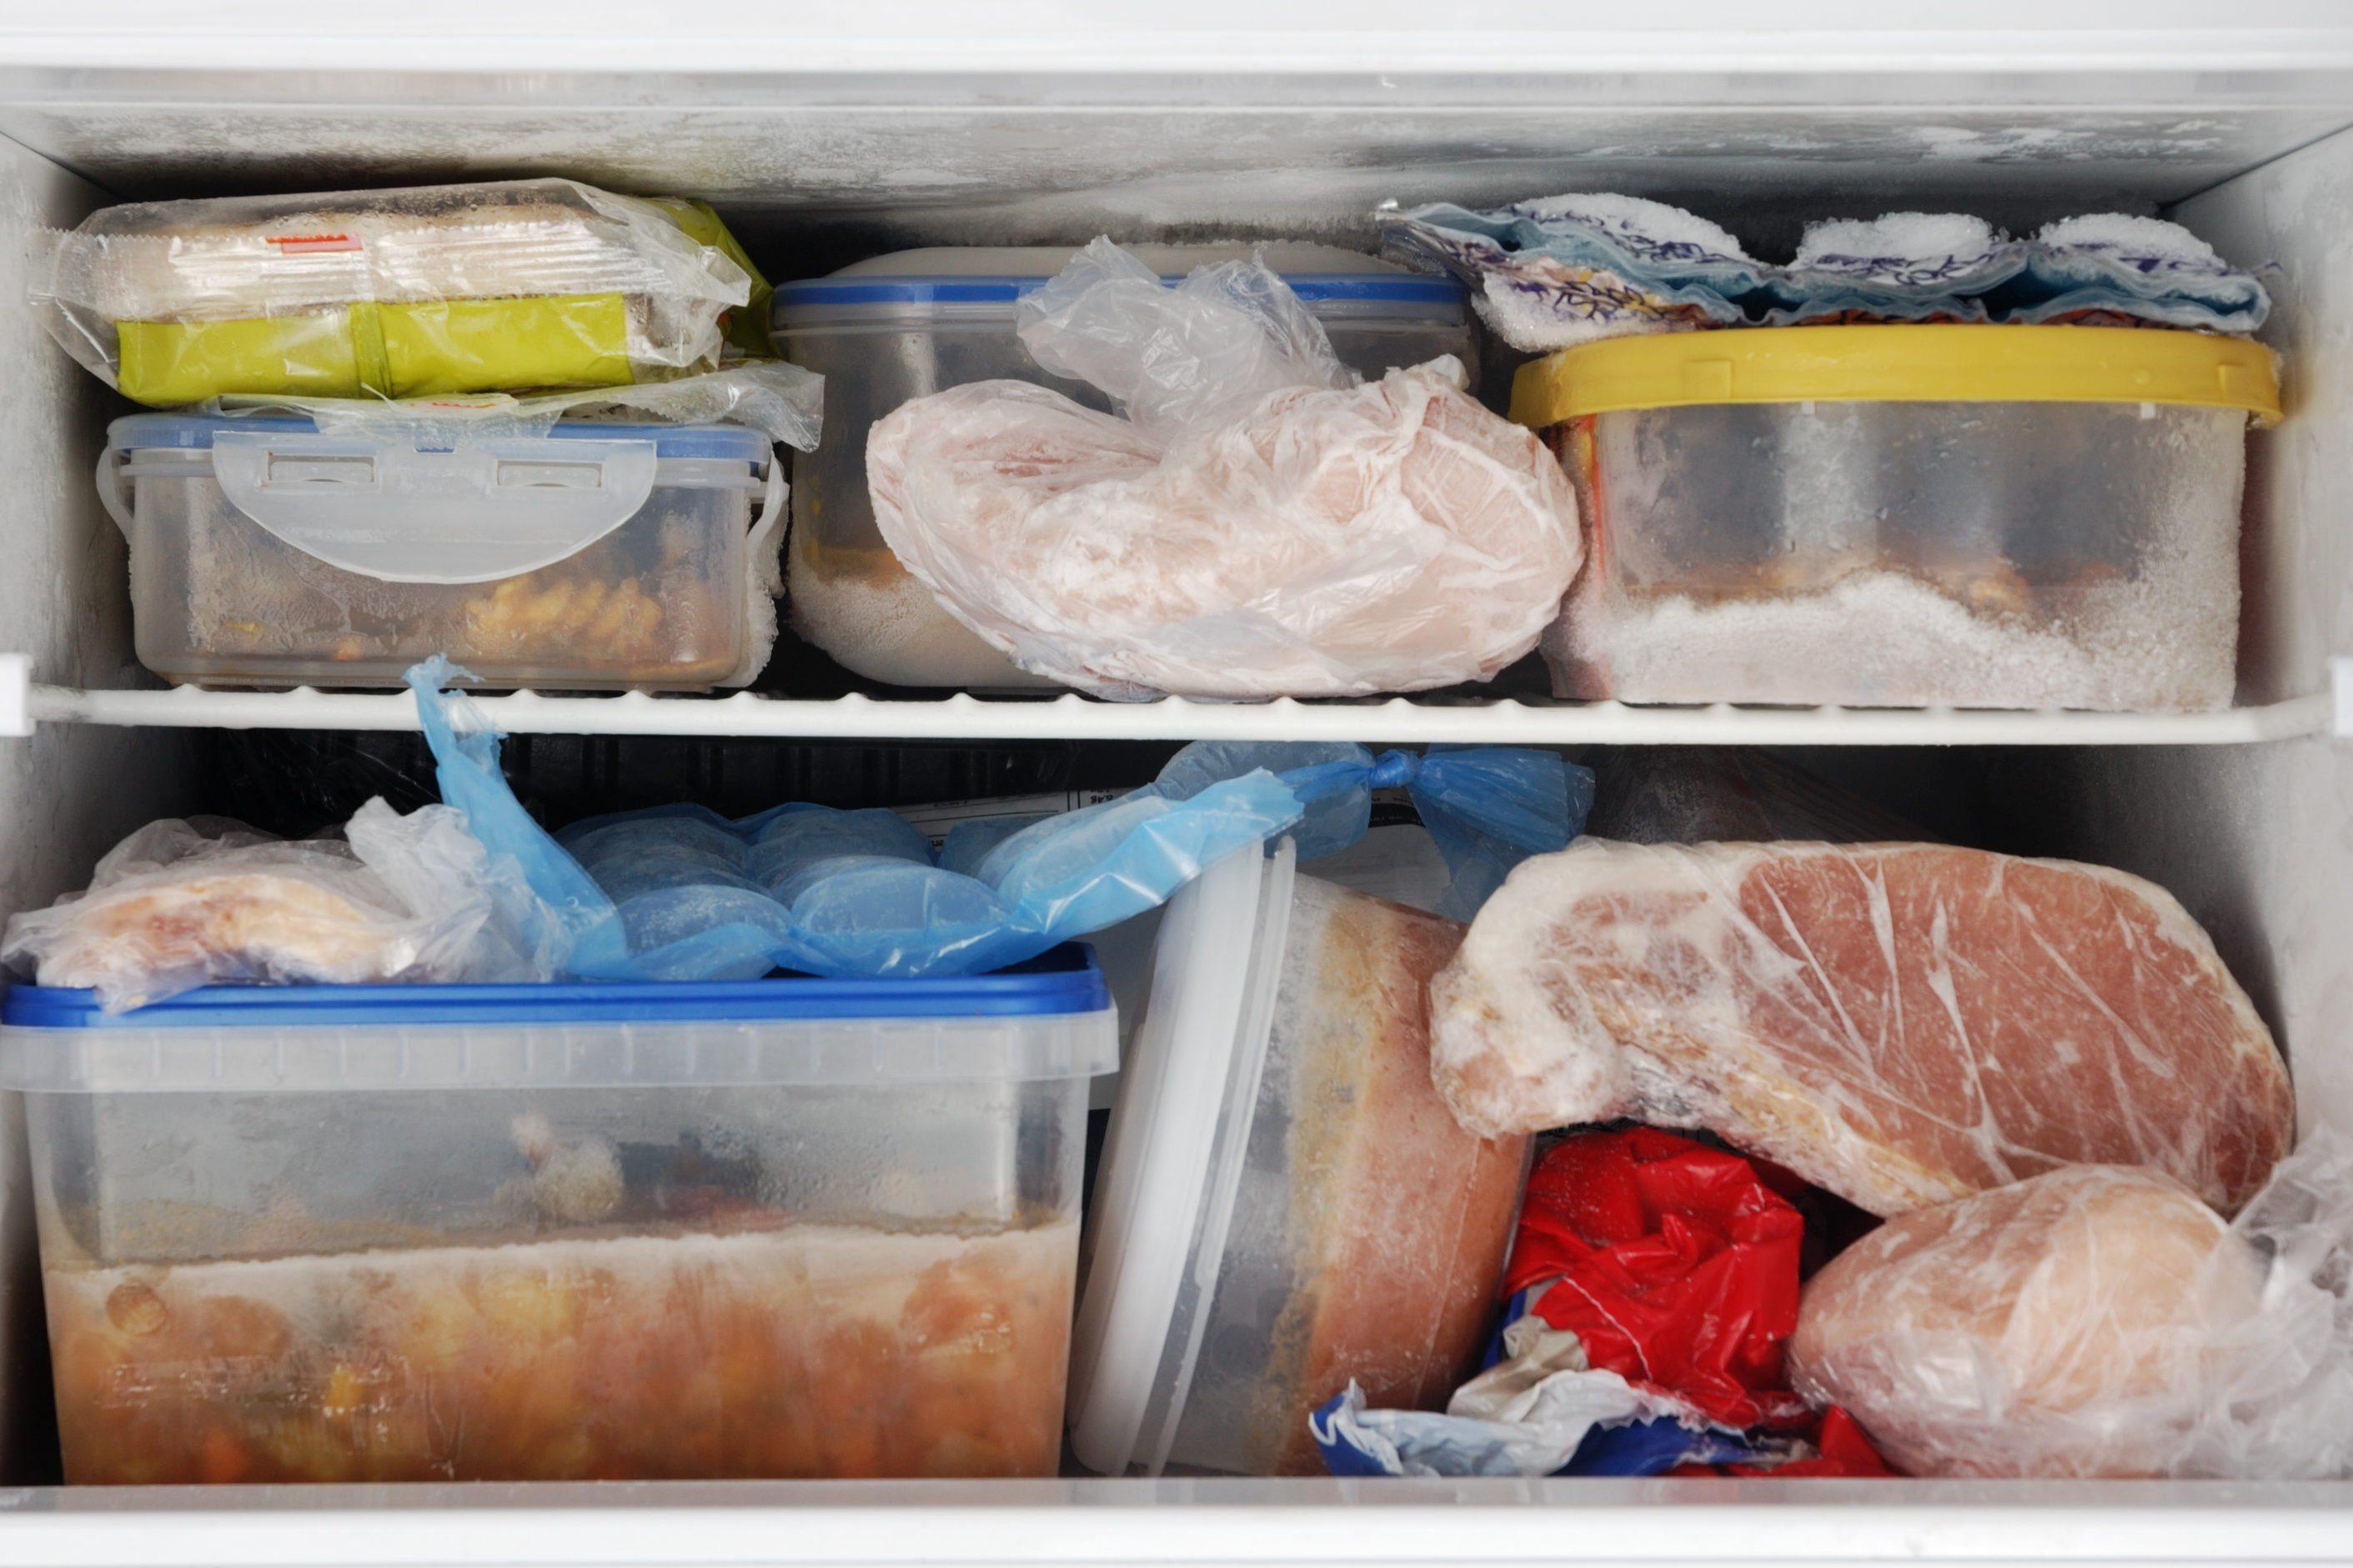 Overstocked freezer